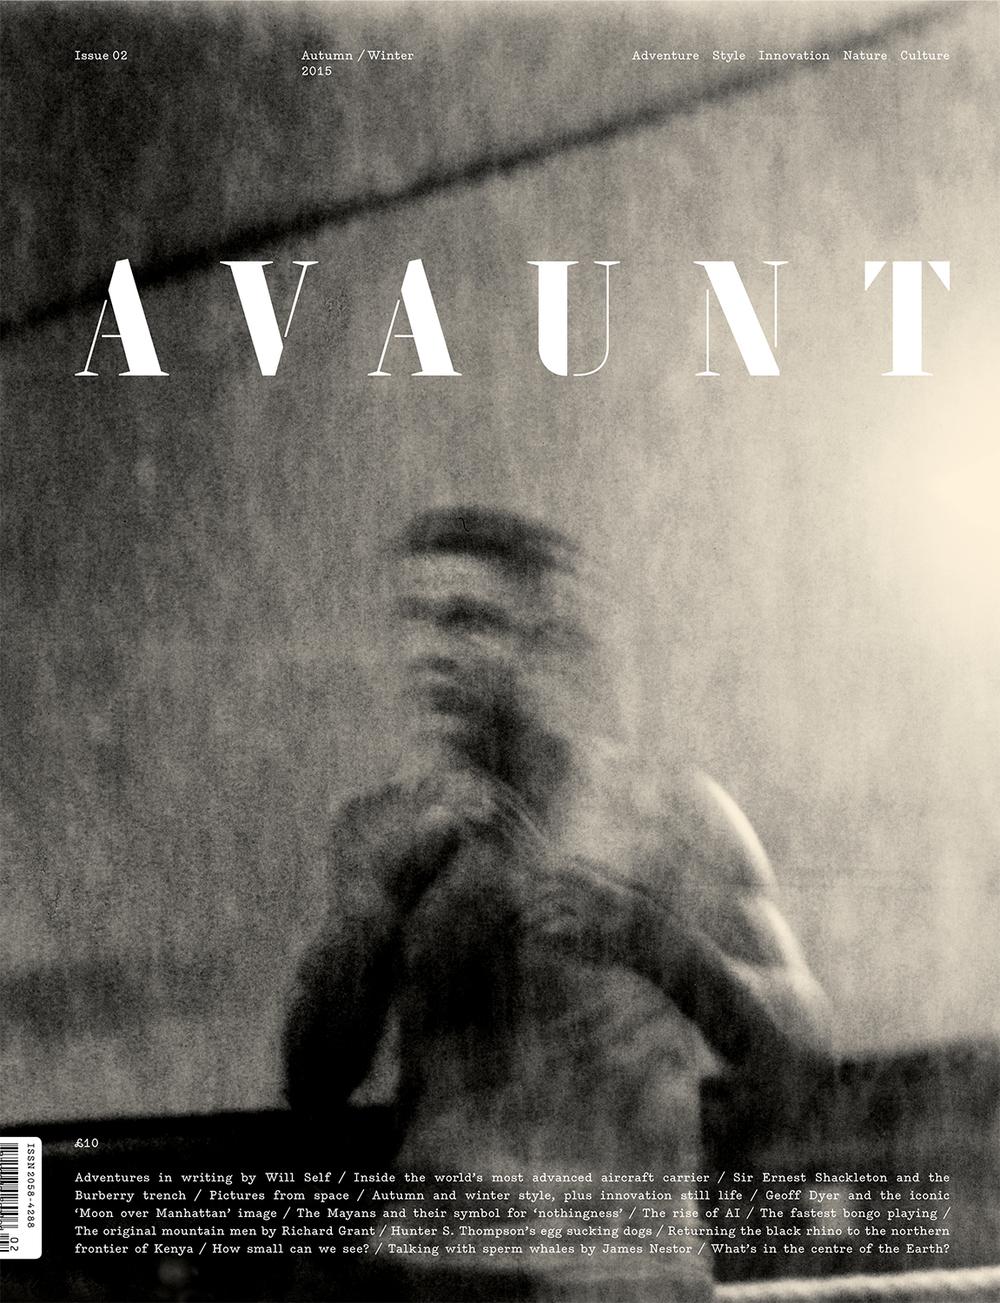 AVAUNT_COVER_Artwork2-3-2.jpg